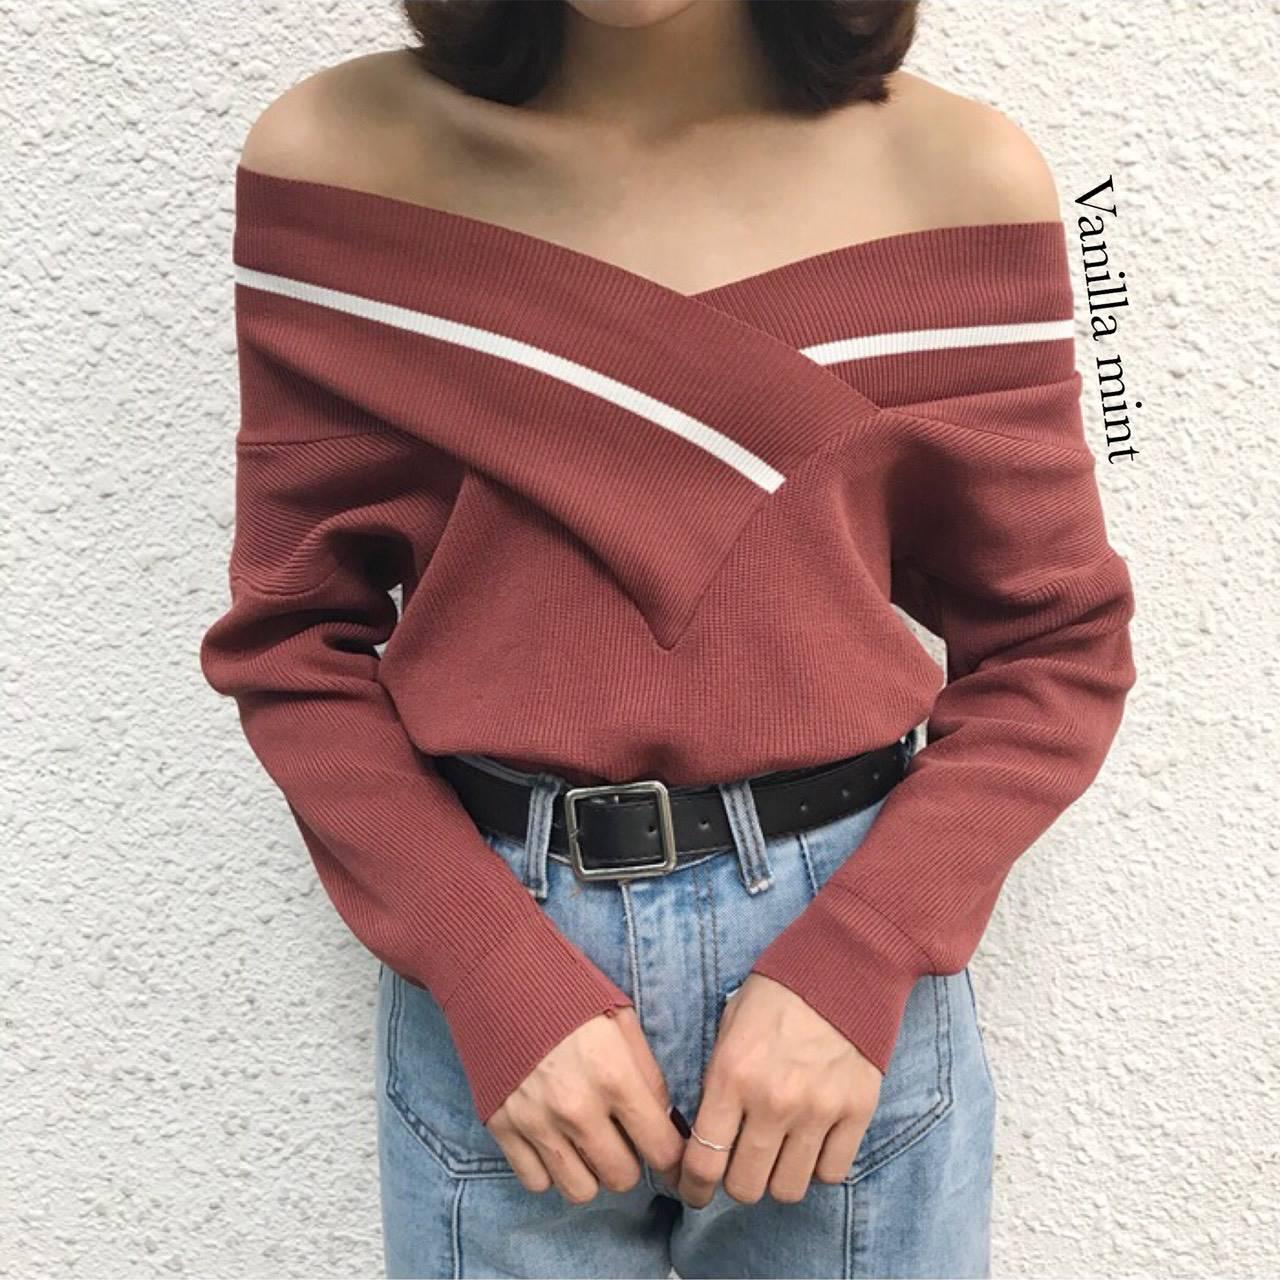 เสื้อผ้าเกาหลีพร้อมส่ง เสื้อไหมพรมคอวีใส่ได้ 2 แบบ